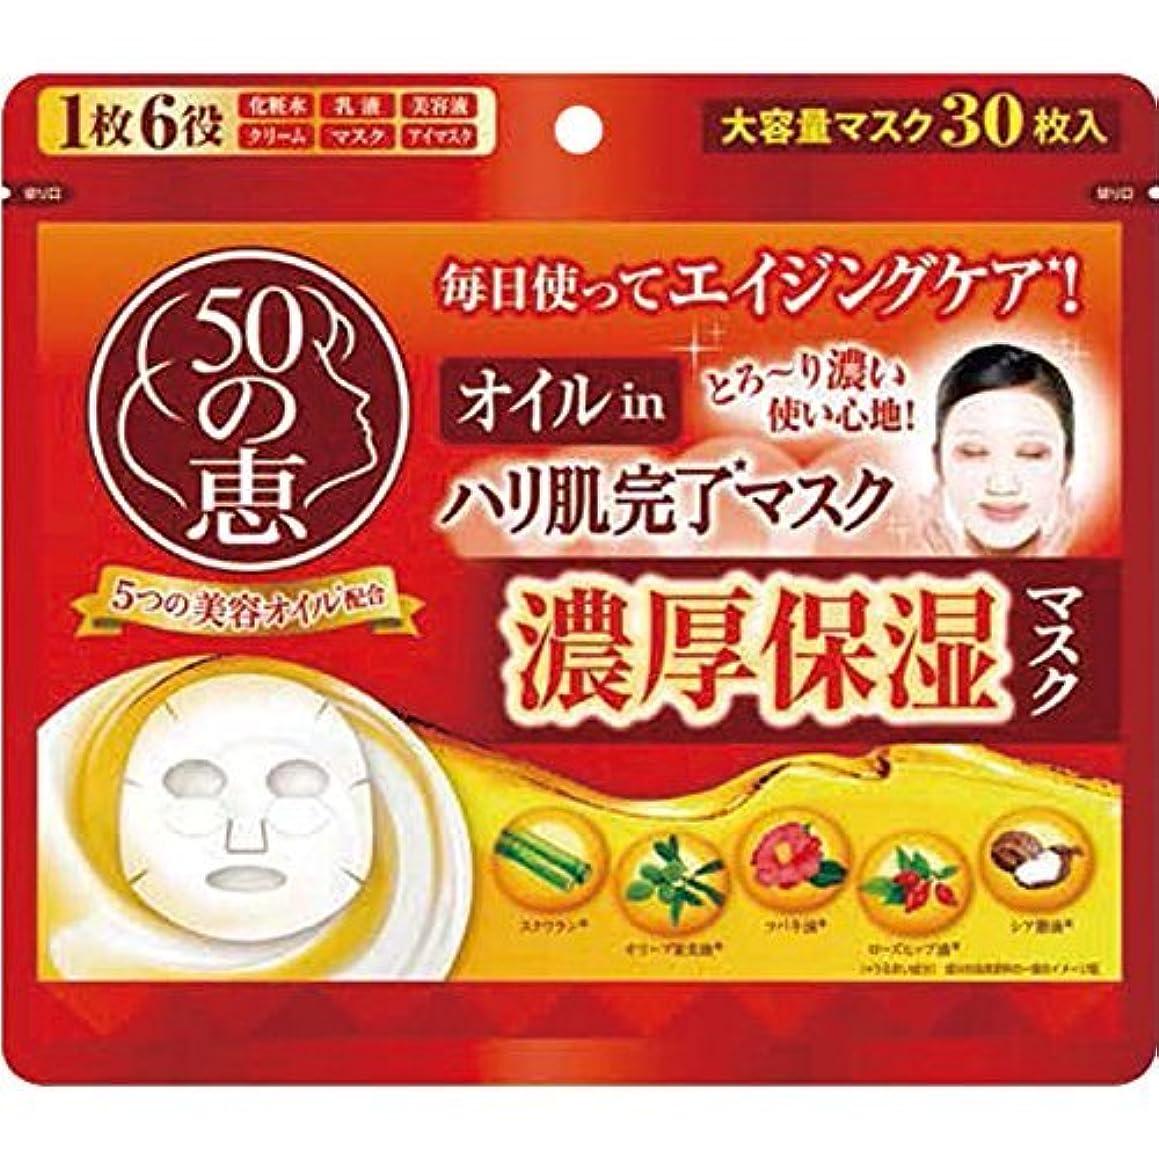 個人的に掻く和解する50の恵 オイルinハリ肌完了マスク × 3個セット